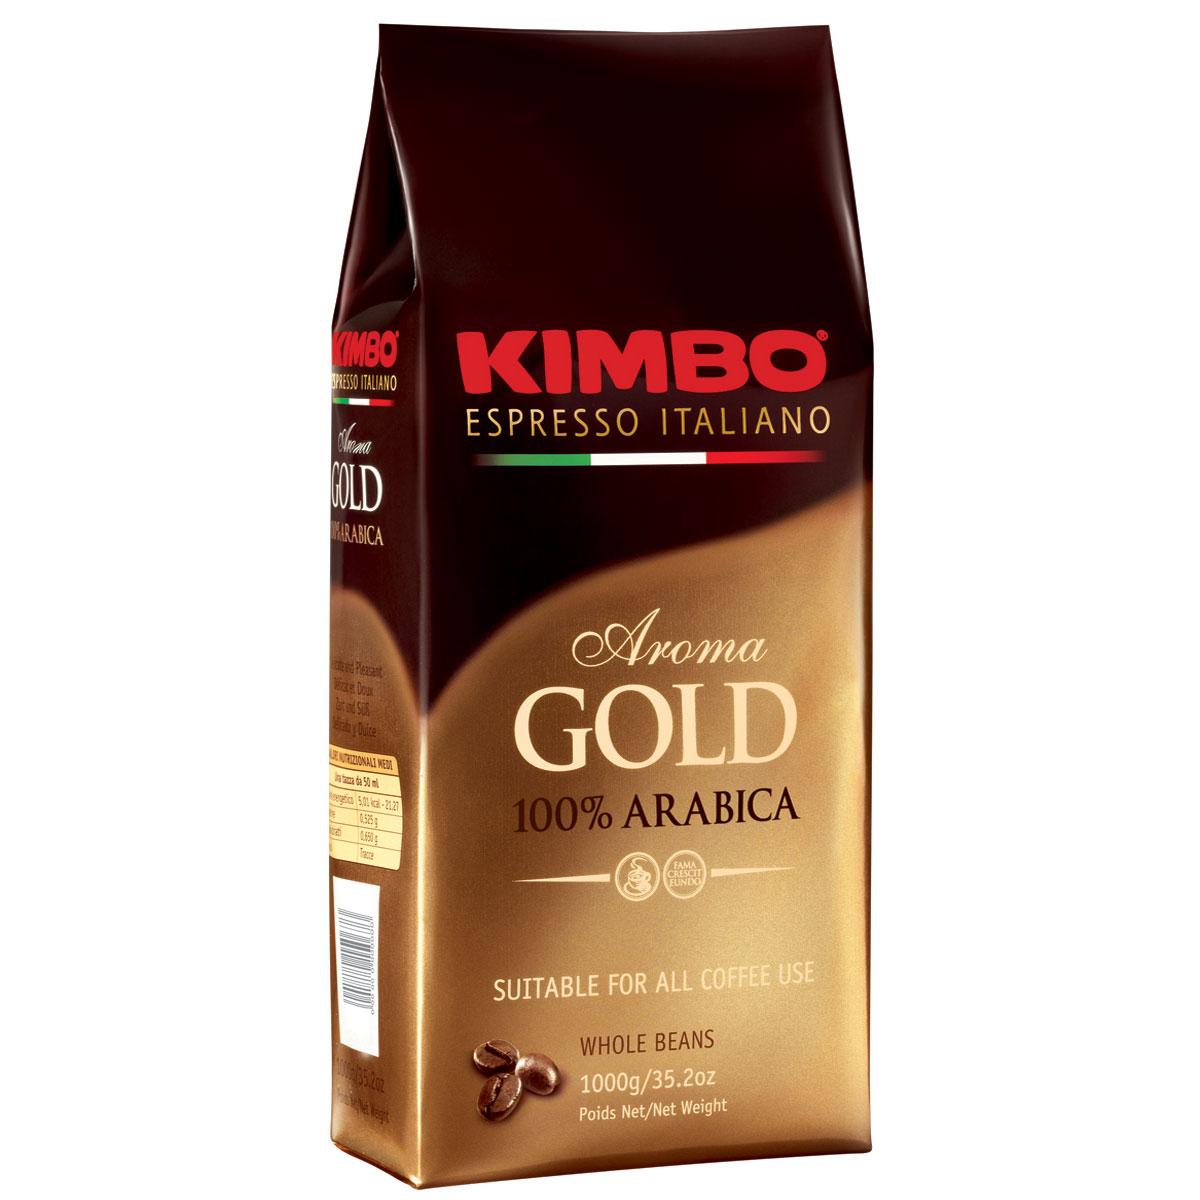 Kimbo Aroma Gold 100% Arabica кофе в зернах, 1 кг8002200102180Натуральный жареный кофе в зернах Kimbo Aroma Gold 100% Arabica. Смесь превосходной арабики отличается нежным вкусом, мягкой кислинкой и тонким ароматом. Состав смеси: 100% арабика.